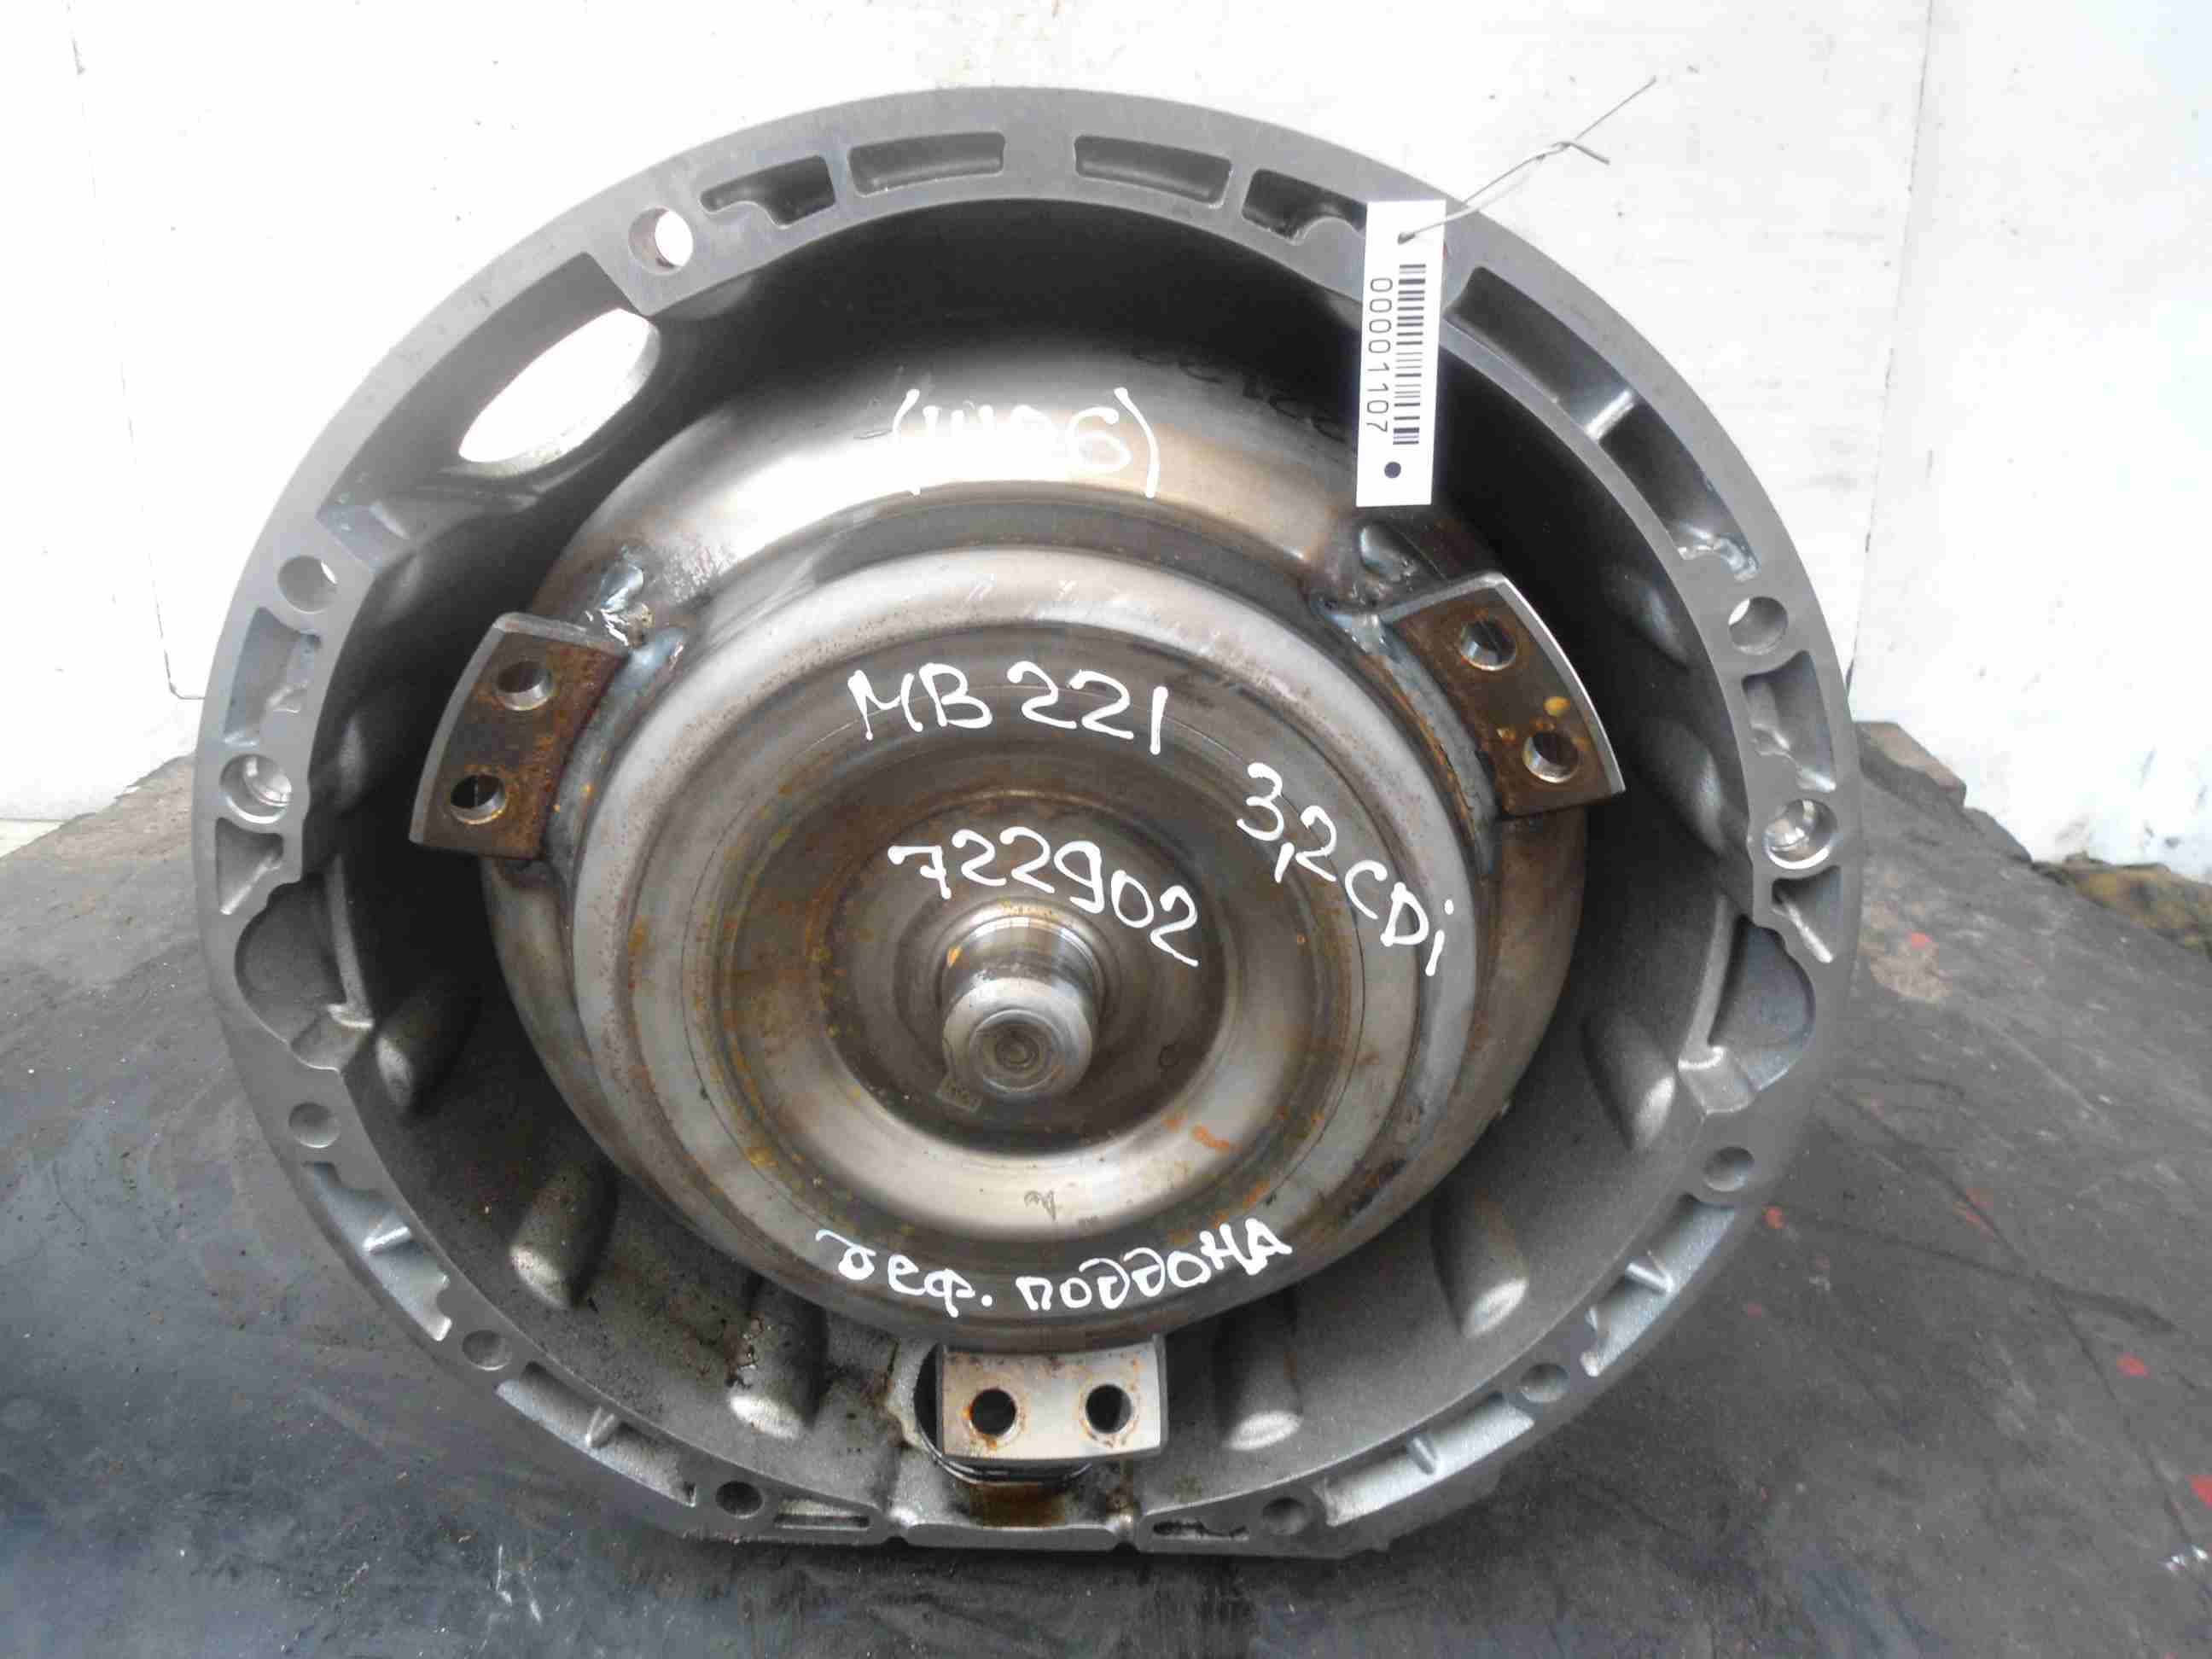 АКПП 722902 2212704430 Дефект корпуса Mercedes S-klasse (W221) 2005 - 2013 3.5CDI